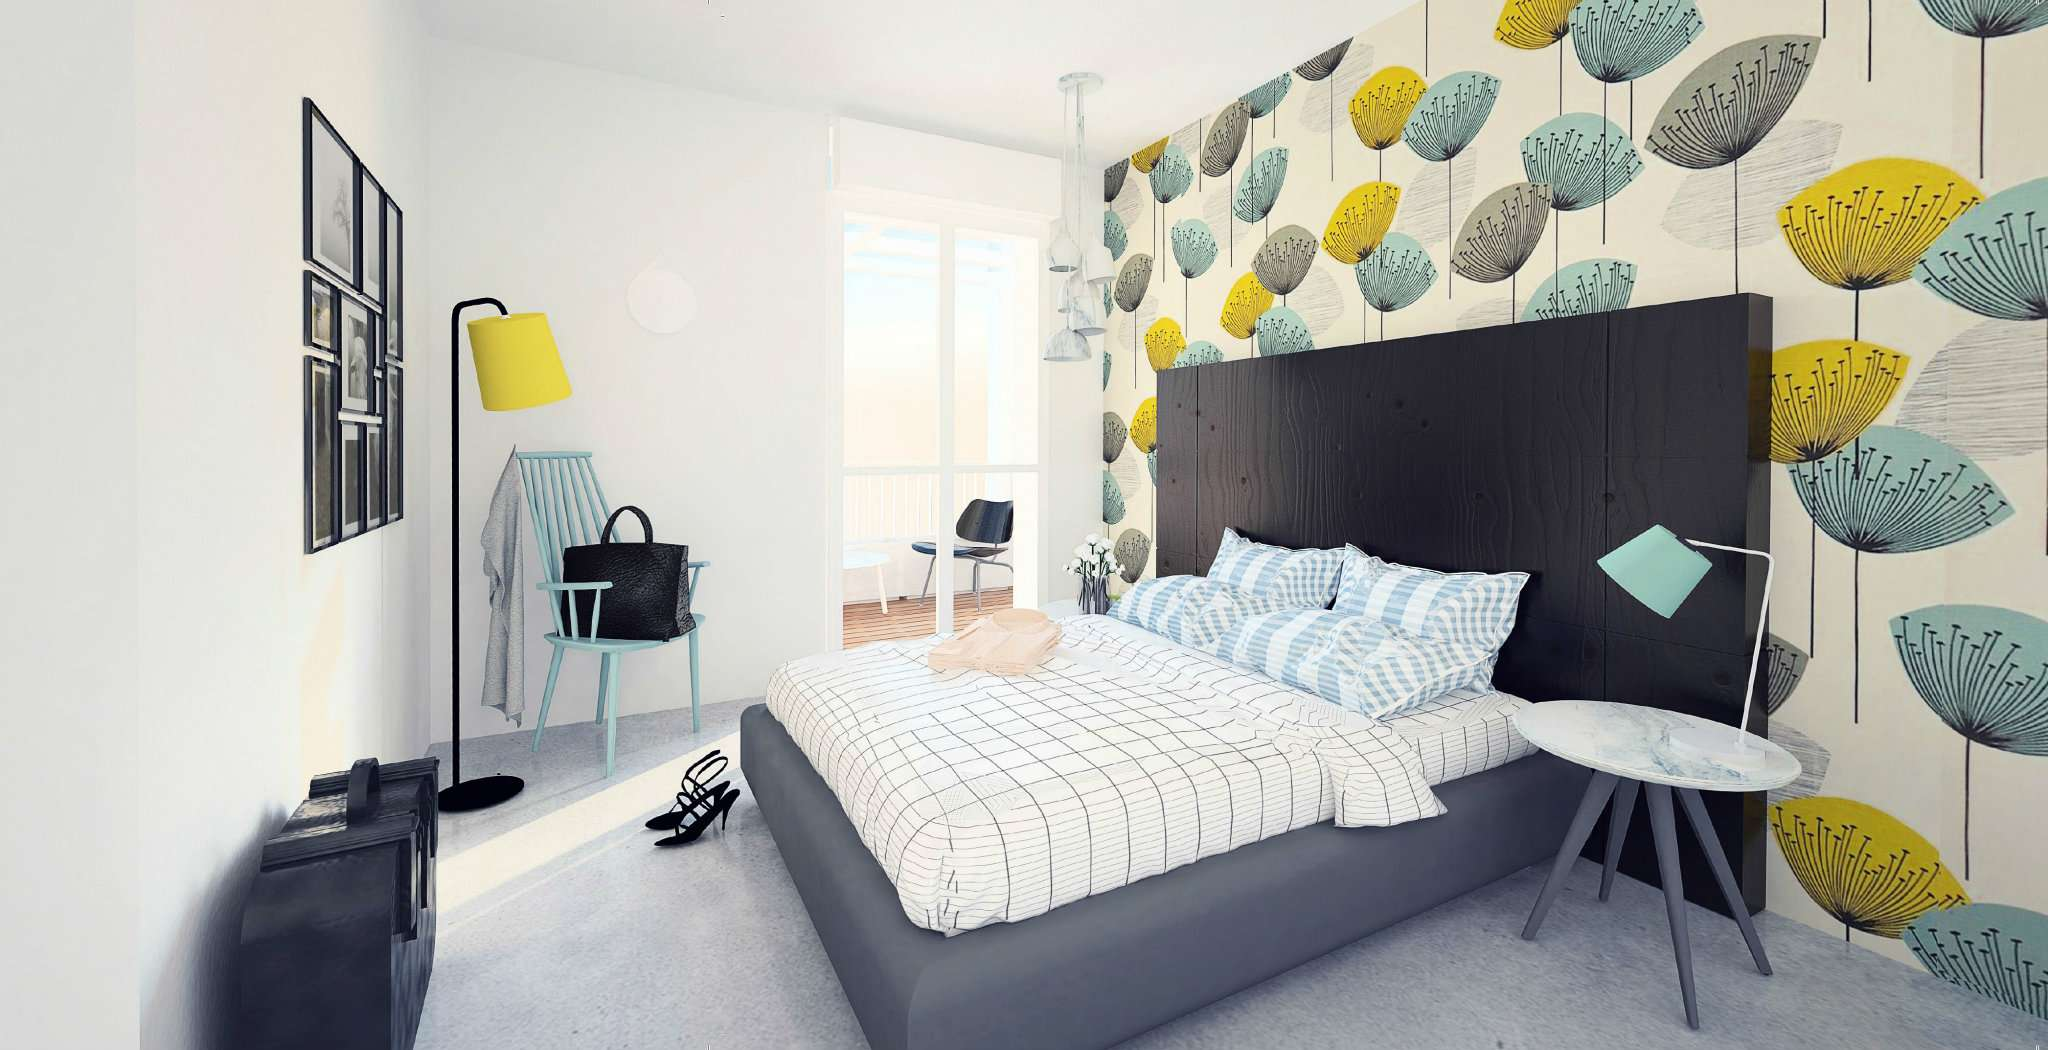 Appartamento in vendita a Cesena, 4 locali, prezzo € 317.000 | CambioCasa.it